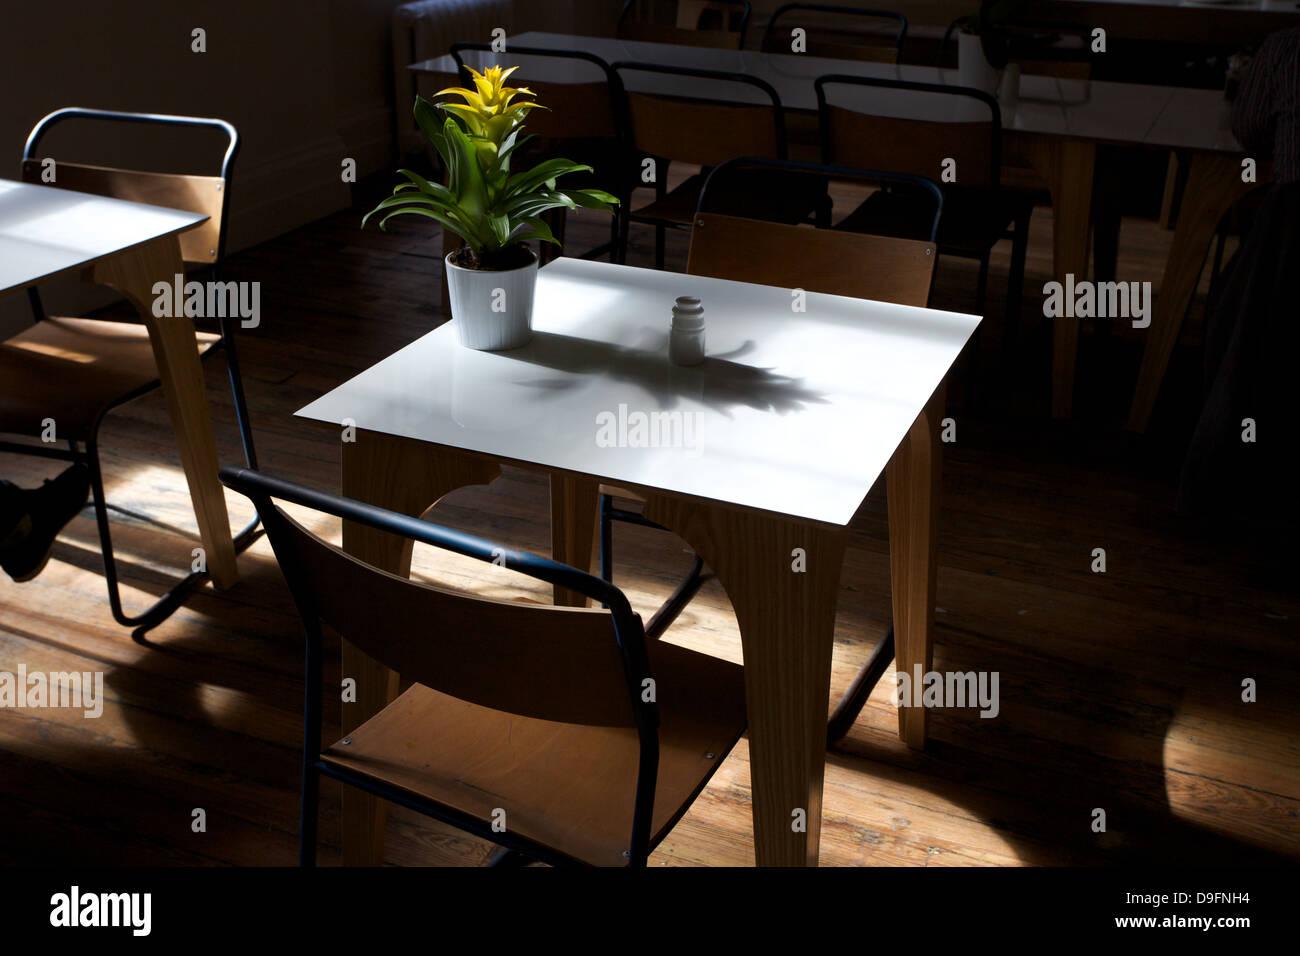 Interior de una foto de una mesa con sillas y una planta en la mesa. Foto de stock